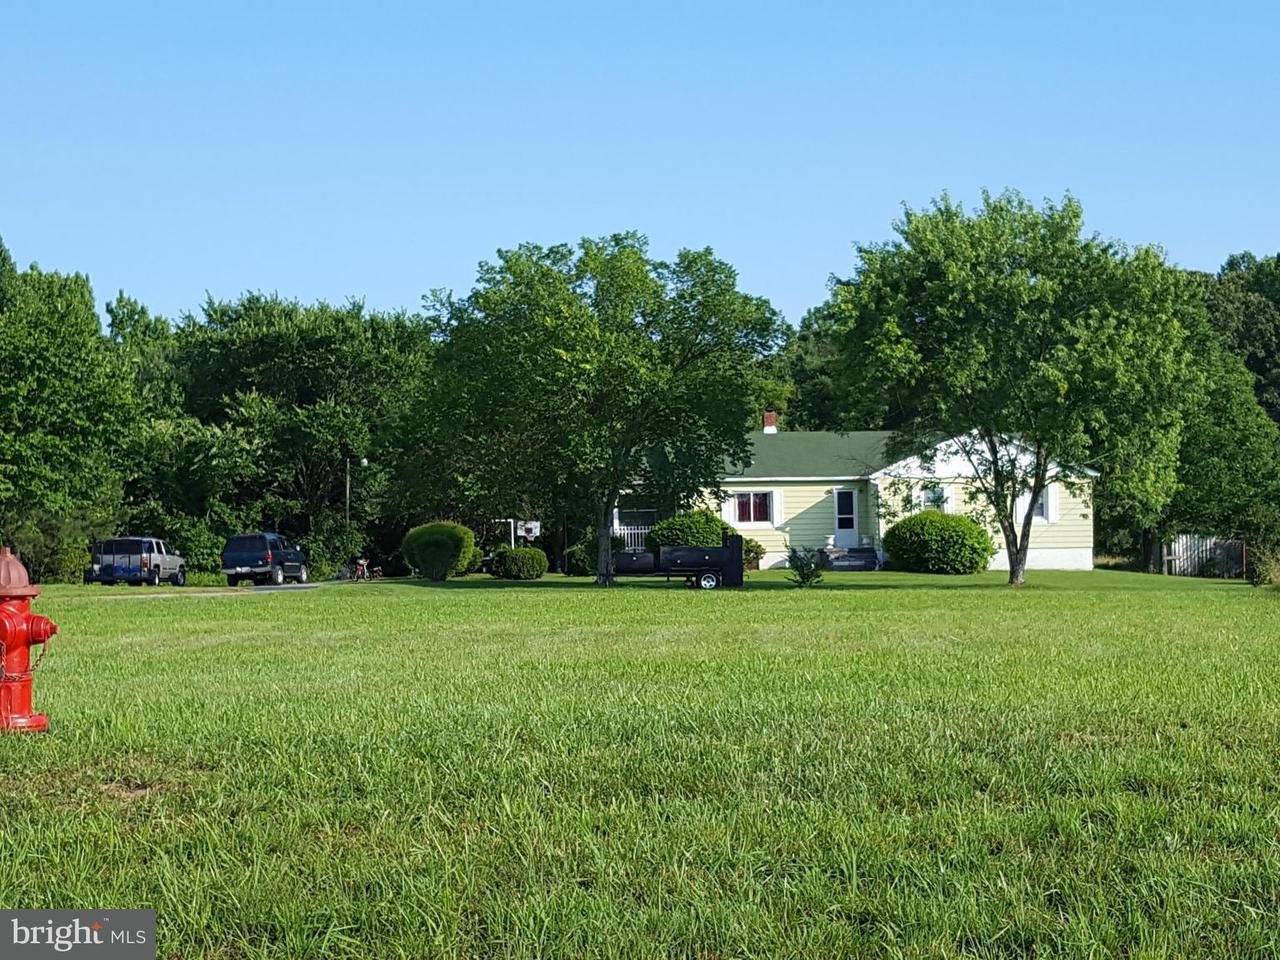 獨棟家庭住宅 為 出售 在 23435 Rogers Clark Blvd 23435 Rogers Clark Blvd Ruther Glen, 弗吉尼亞州 22546 美國